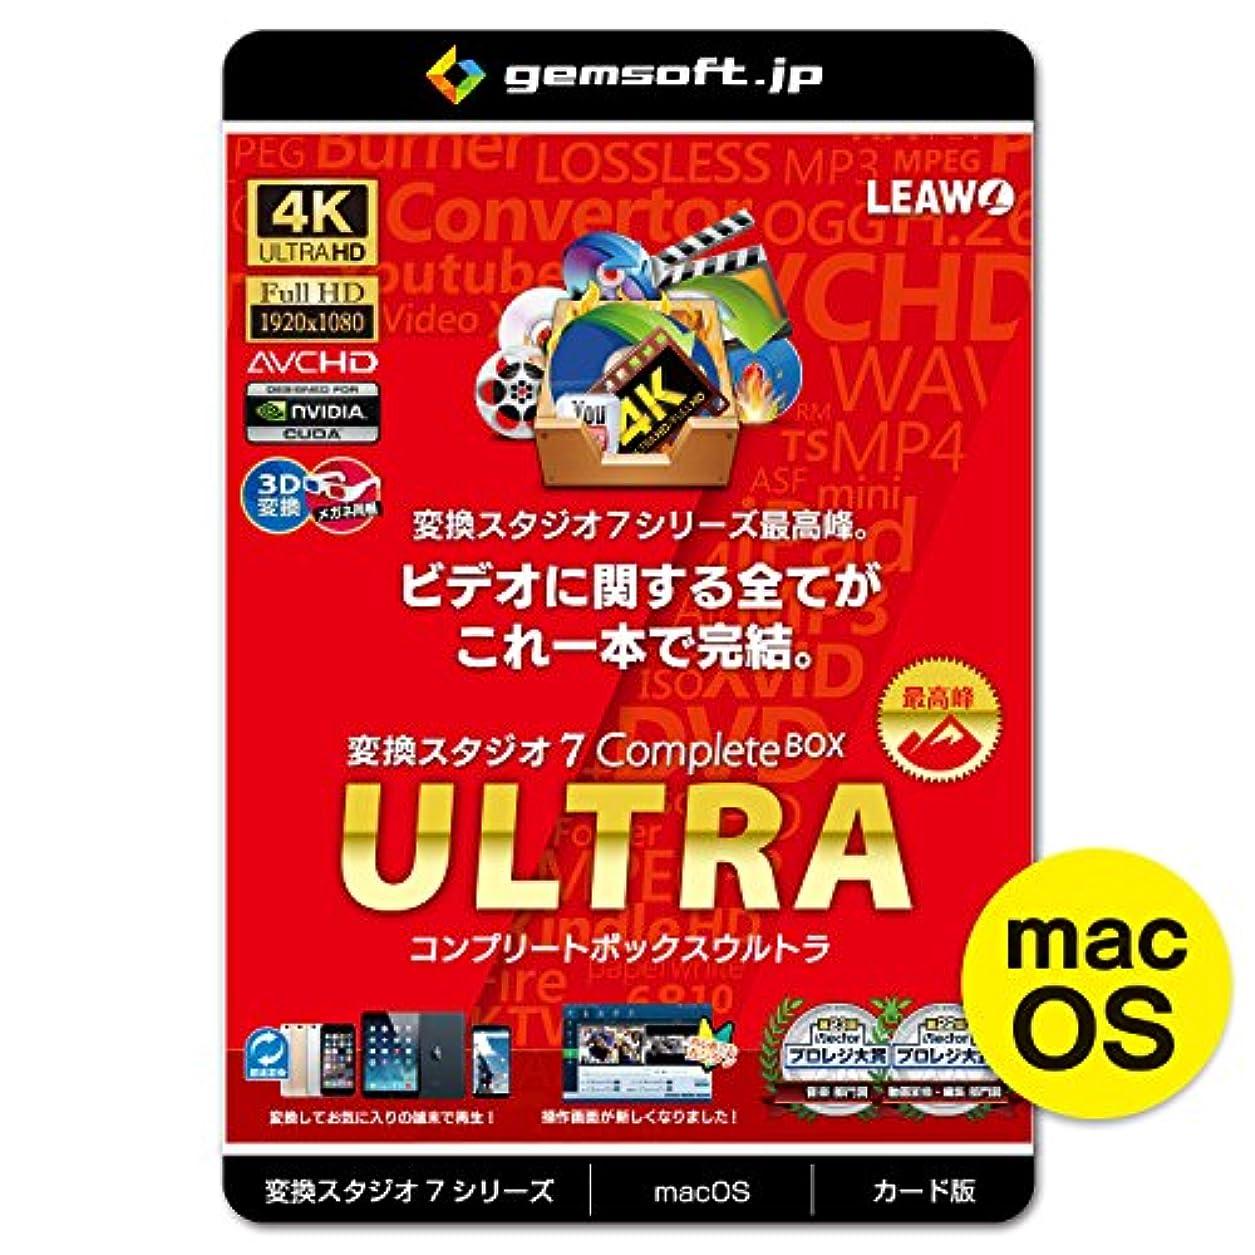 ビール風景オーバードロー変換スタジオ7 CompleteBOX ULTRA Mac版 | 変換スタジオ7シリーズ | カード版 | Mac対応